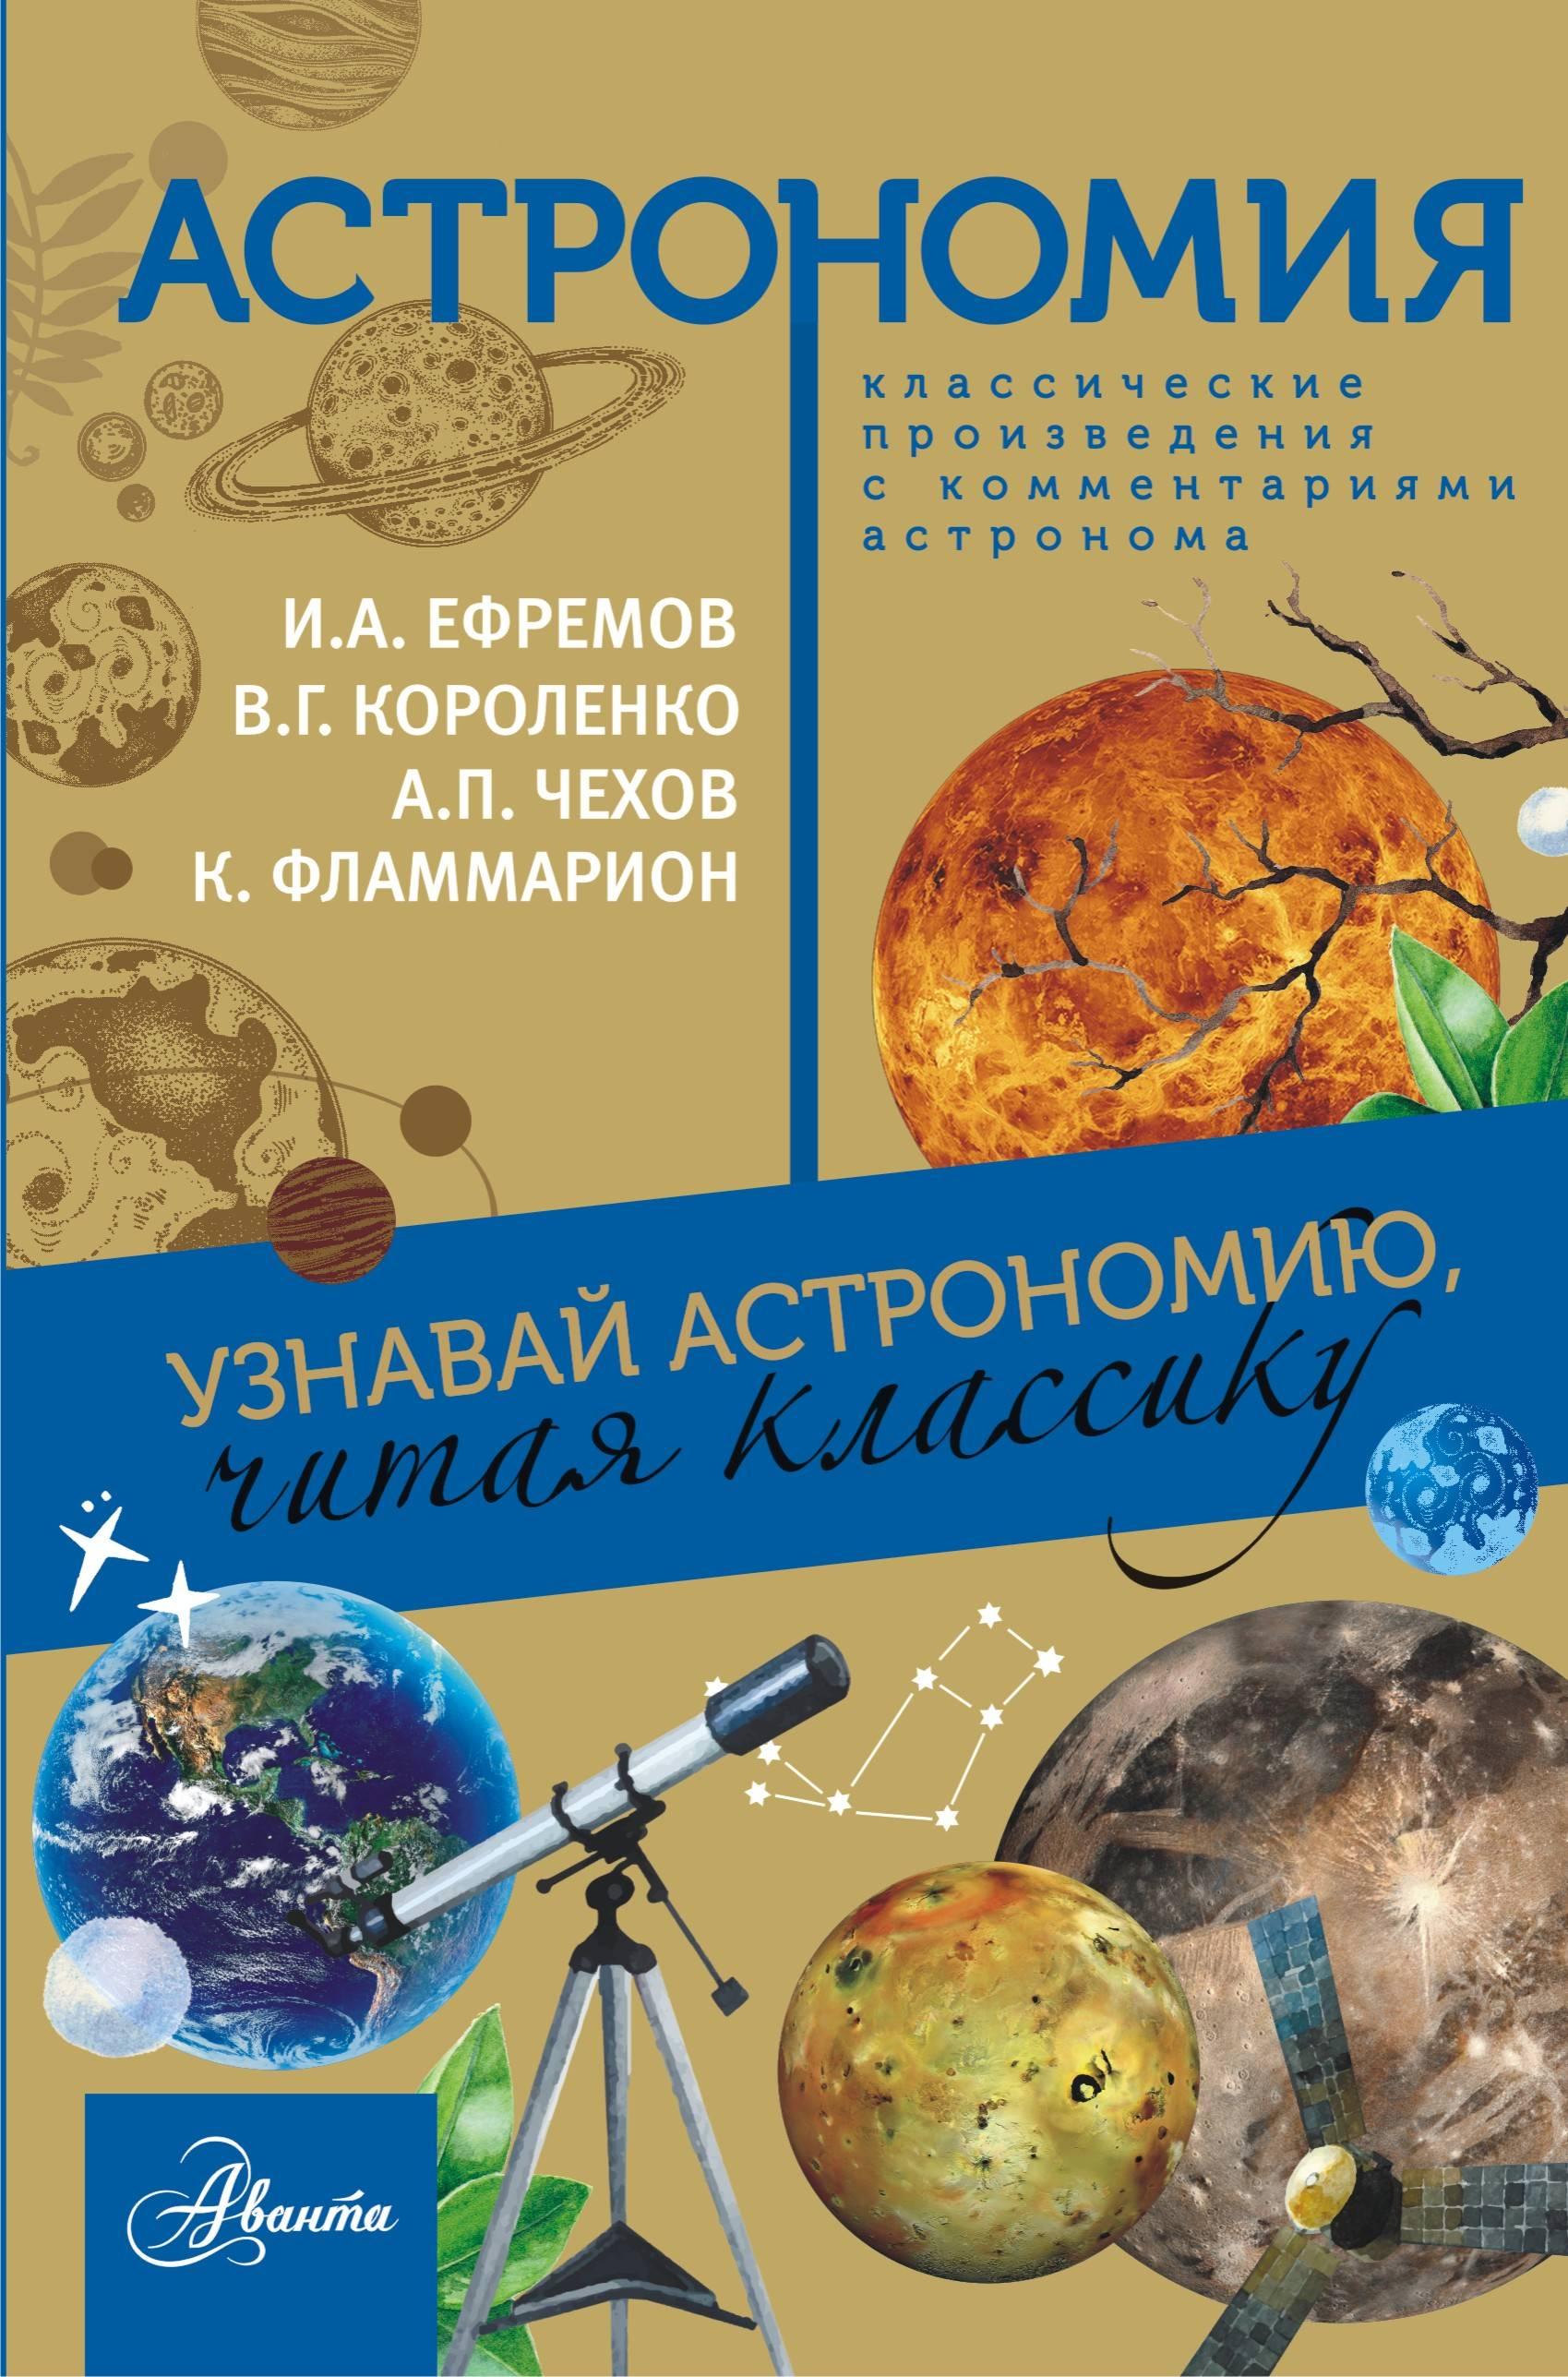 И. А. Ефремов, В. Г. Короленко, А. П. Чехов, К. Фламмарион Астрономия. Узнавай астрономию, читая классику